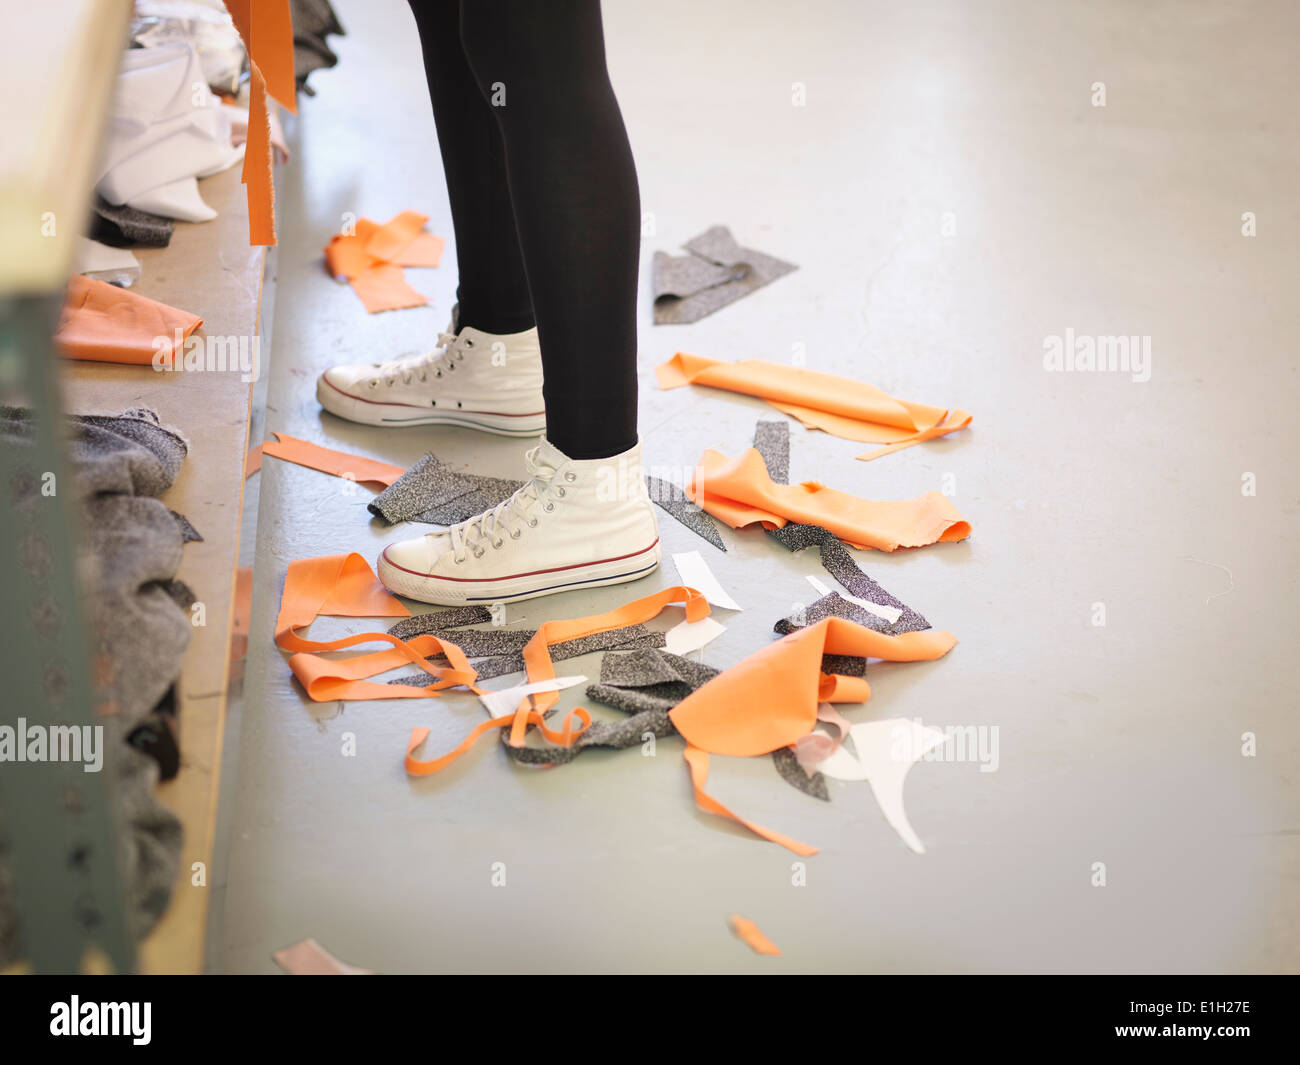 Off-material cortado en el suelo fashion design studio Imagen De Stock